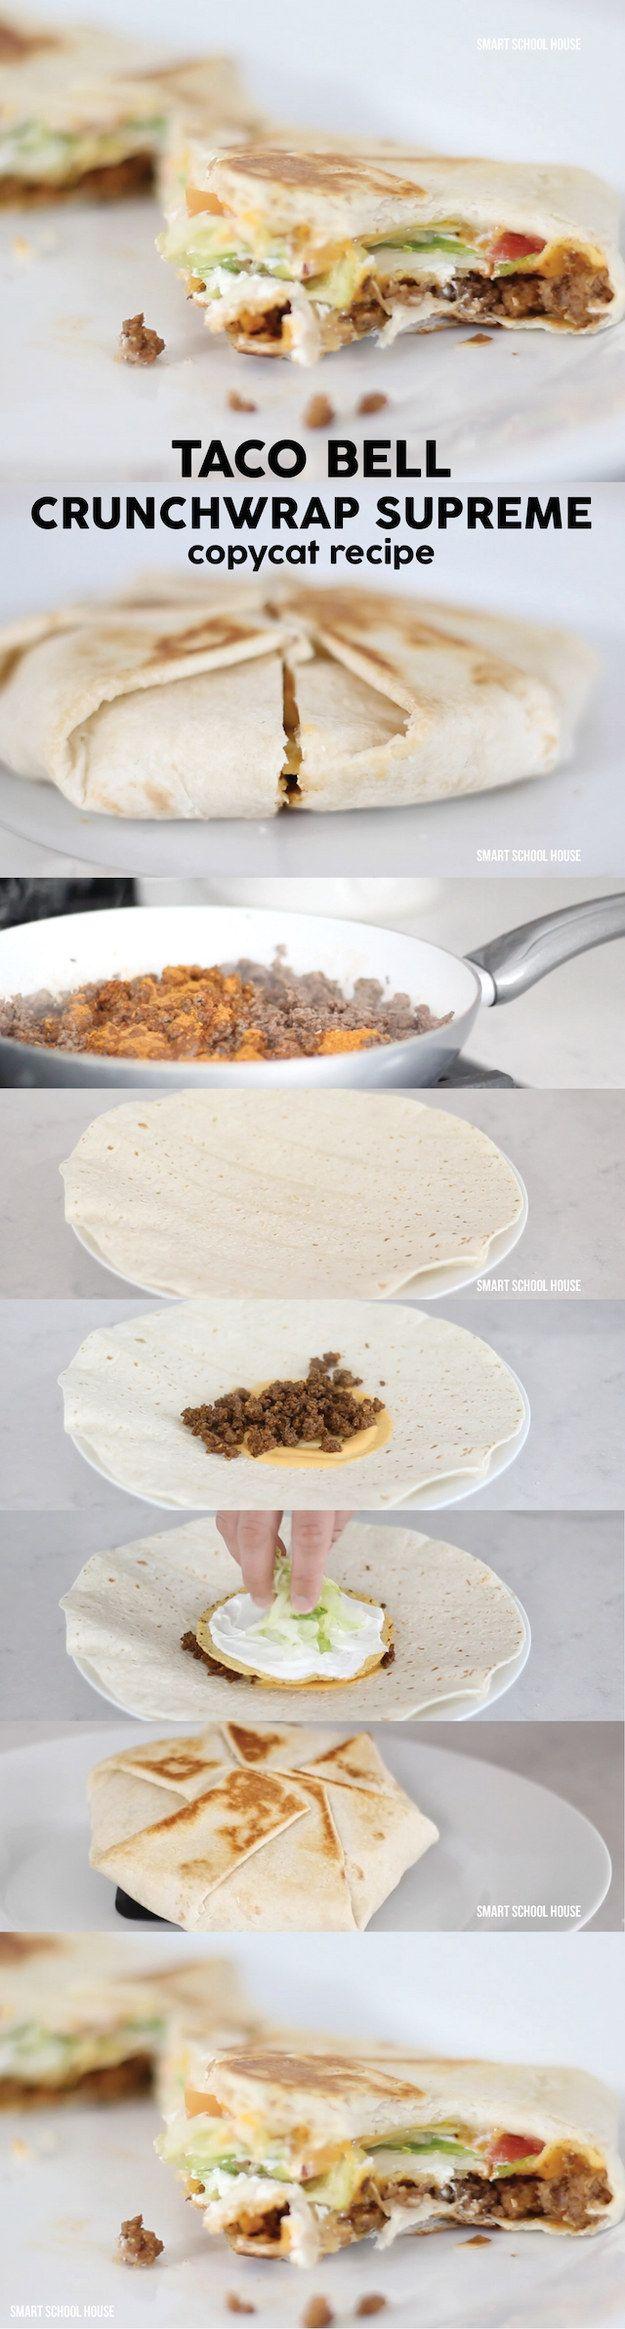 Una Tortilla Crujiente Al Estilo De Taco Bell Recetas De Restaurantes Famosos Recetas De Comida Recetas Para Cocinar